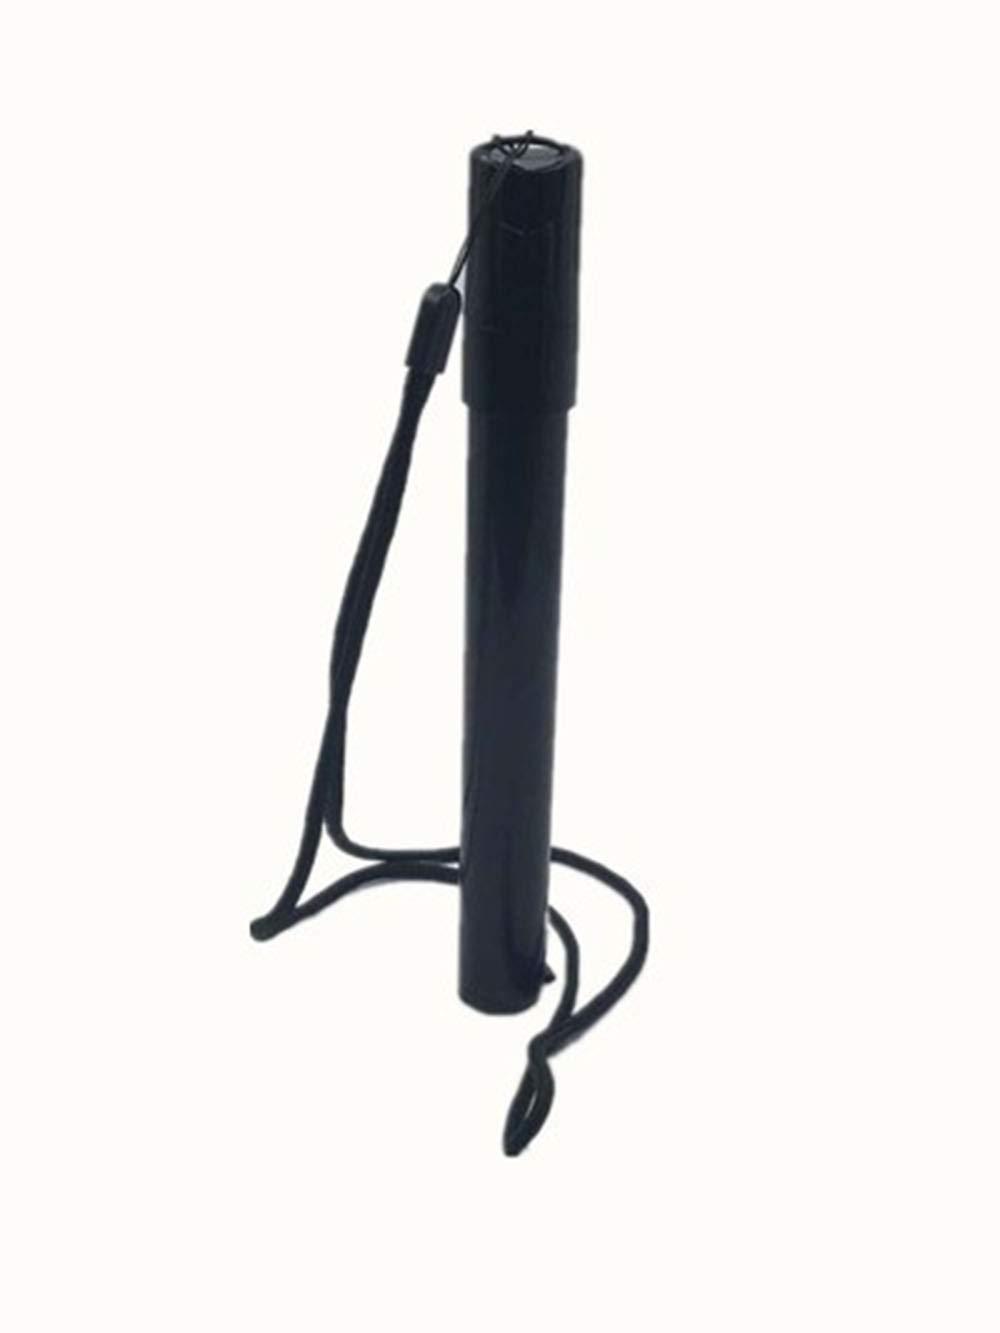 Conwea Filtro de agua purificador de agua al aire libre supervivencia herramienta ideal para senderismo mochila Camping viajes y preparaci/ón para casos de emergencia colorido